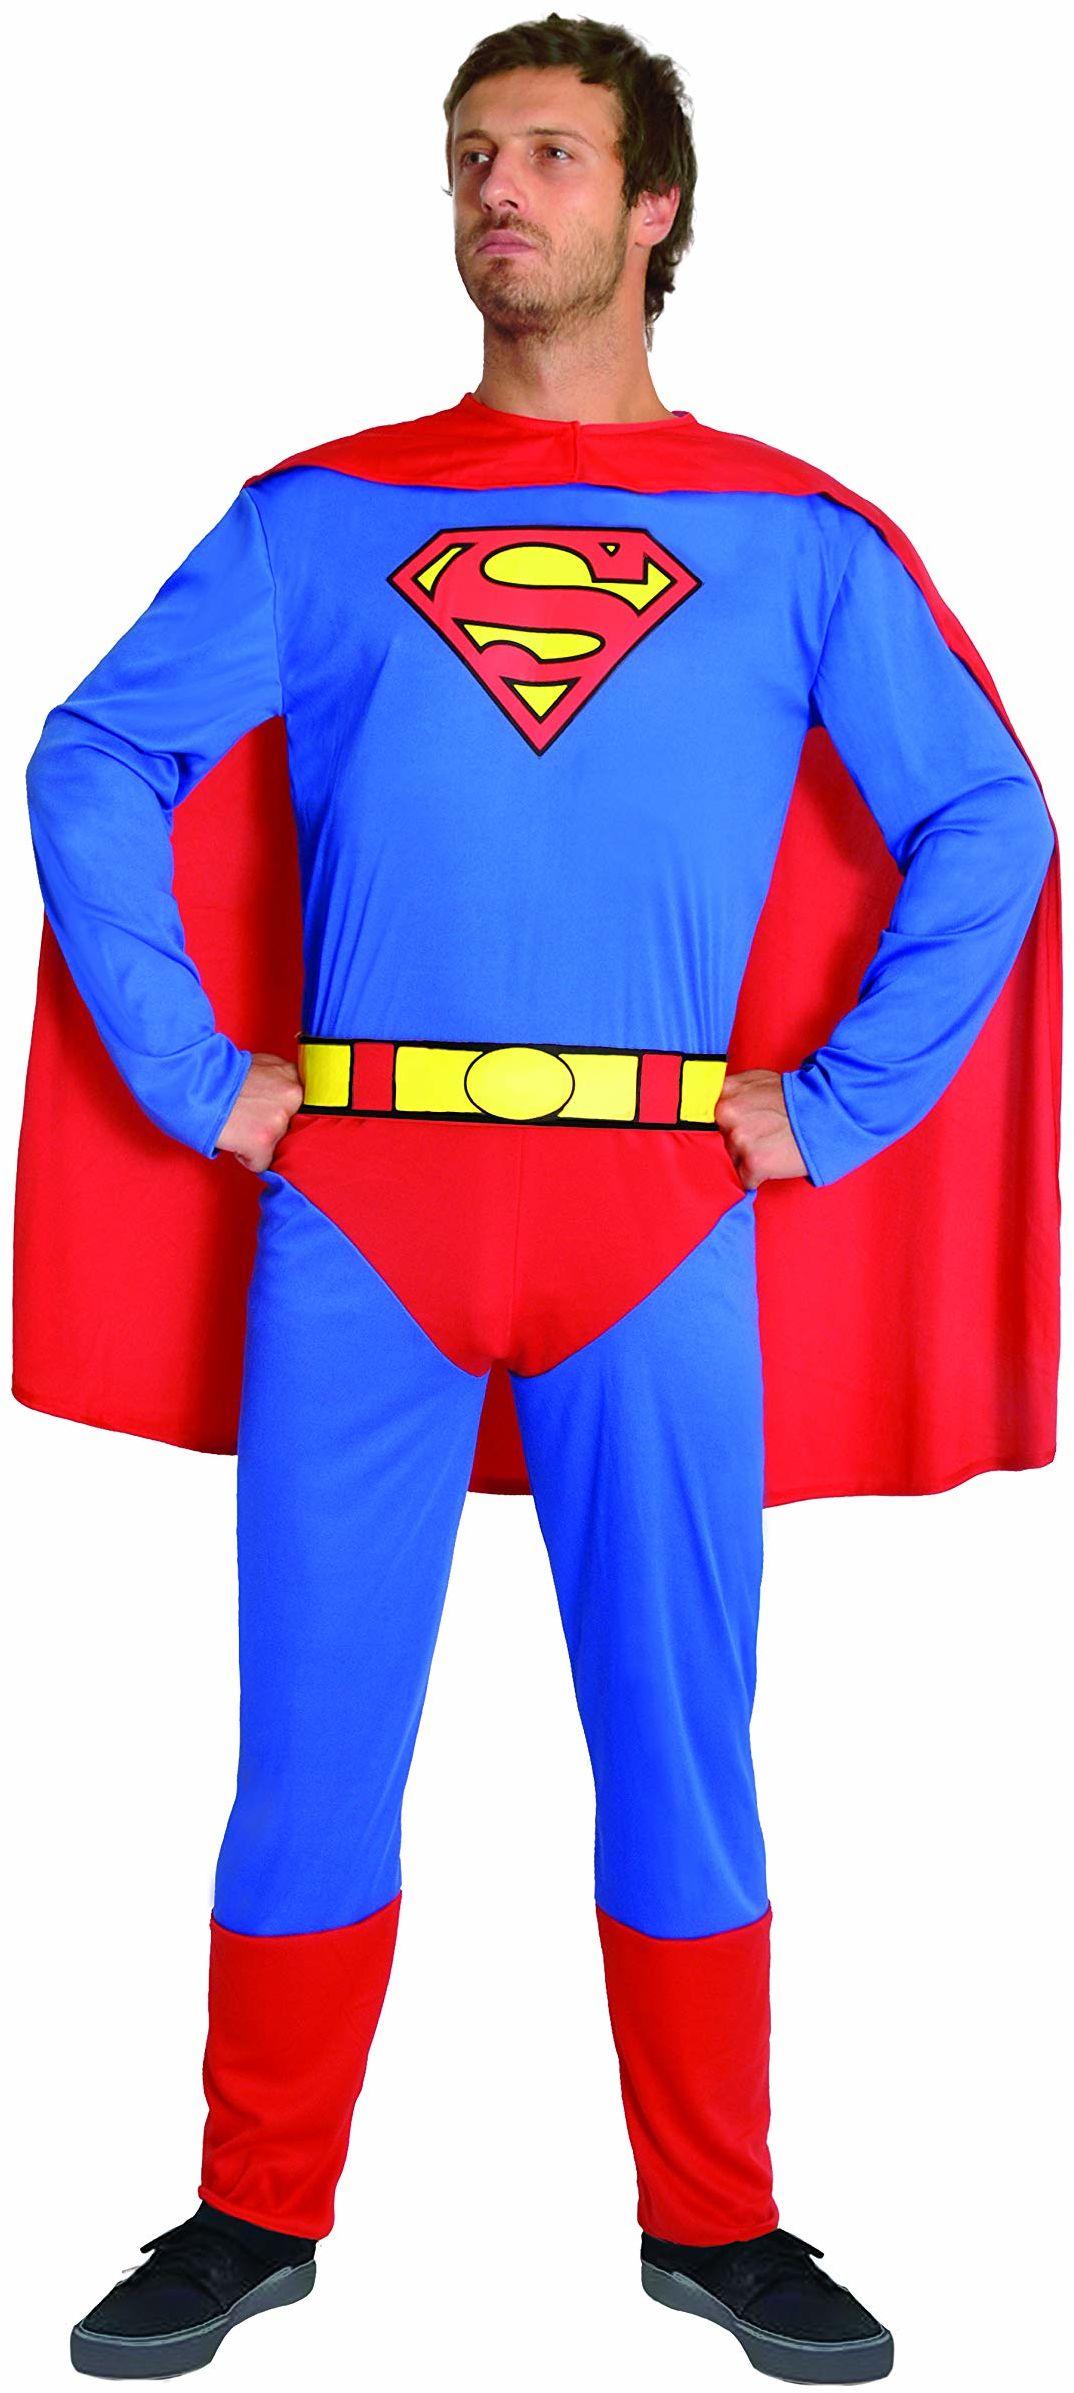 Ciao 11674.XL kostium Superman, Uomo, niebieski/czerwony